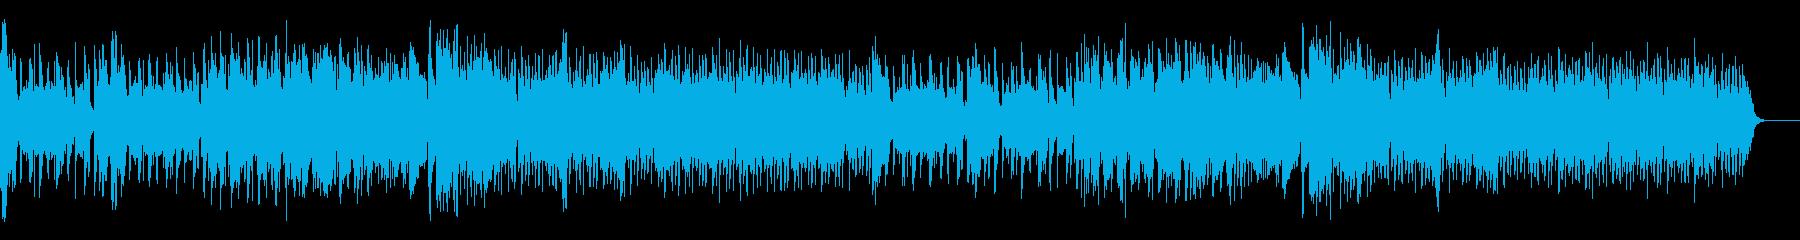 カワイイfuture bass 風の再生済みの波形